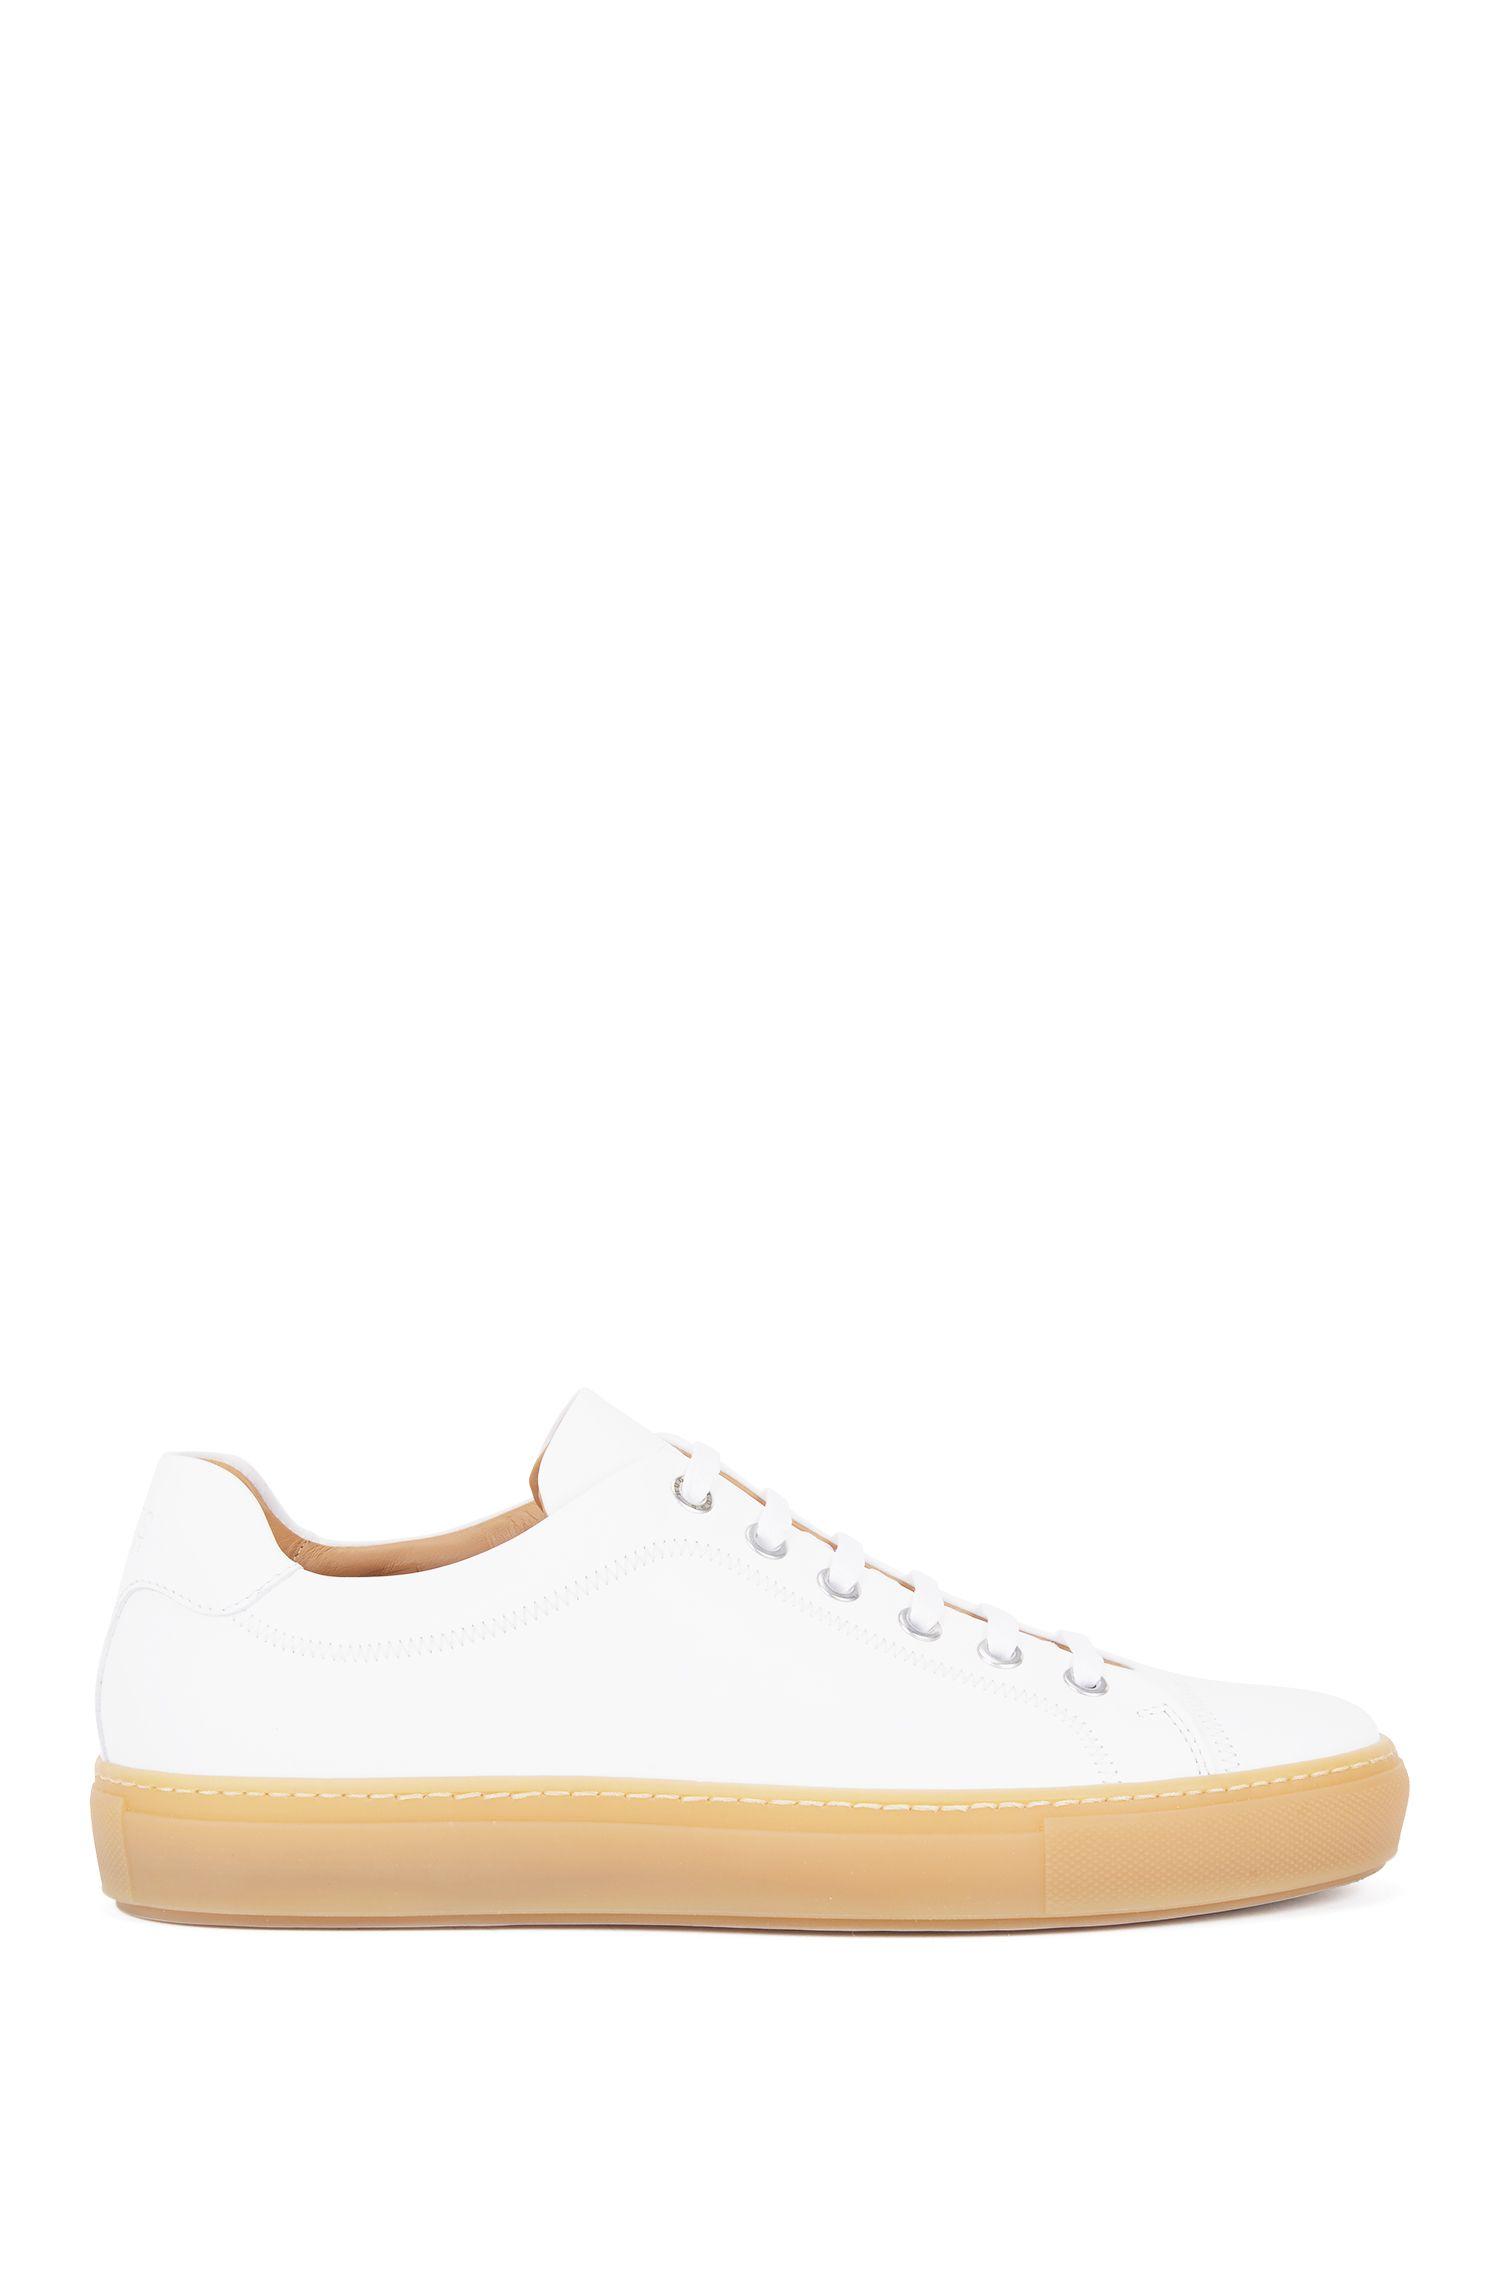 Sneakers aus vollnarbigem Leder mit Gummisohle, Weiß